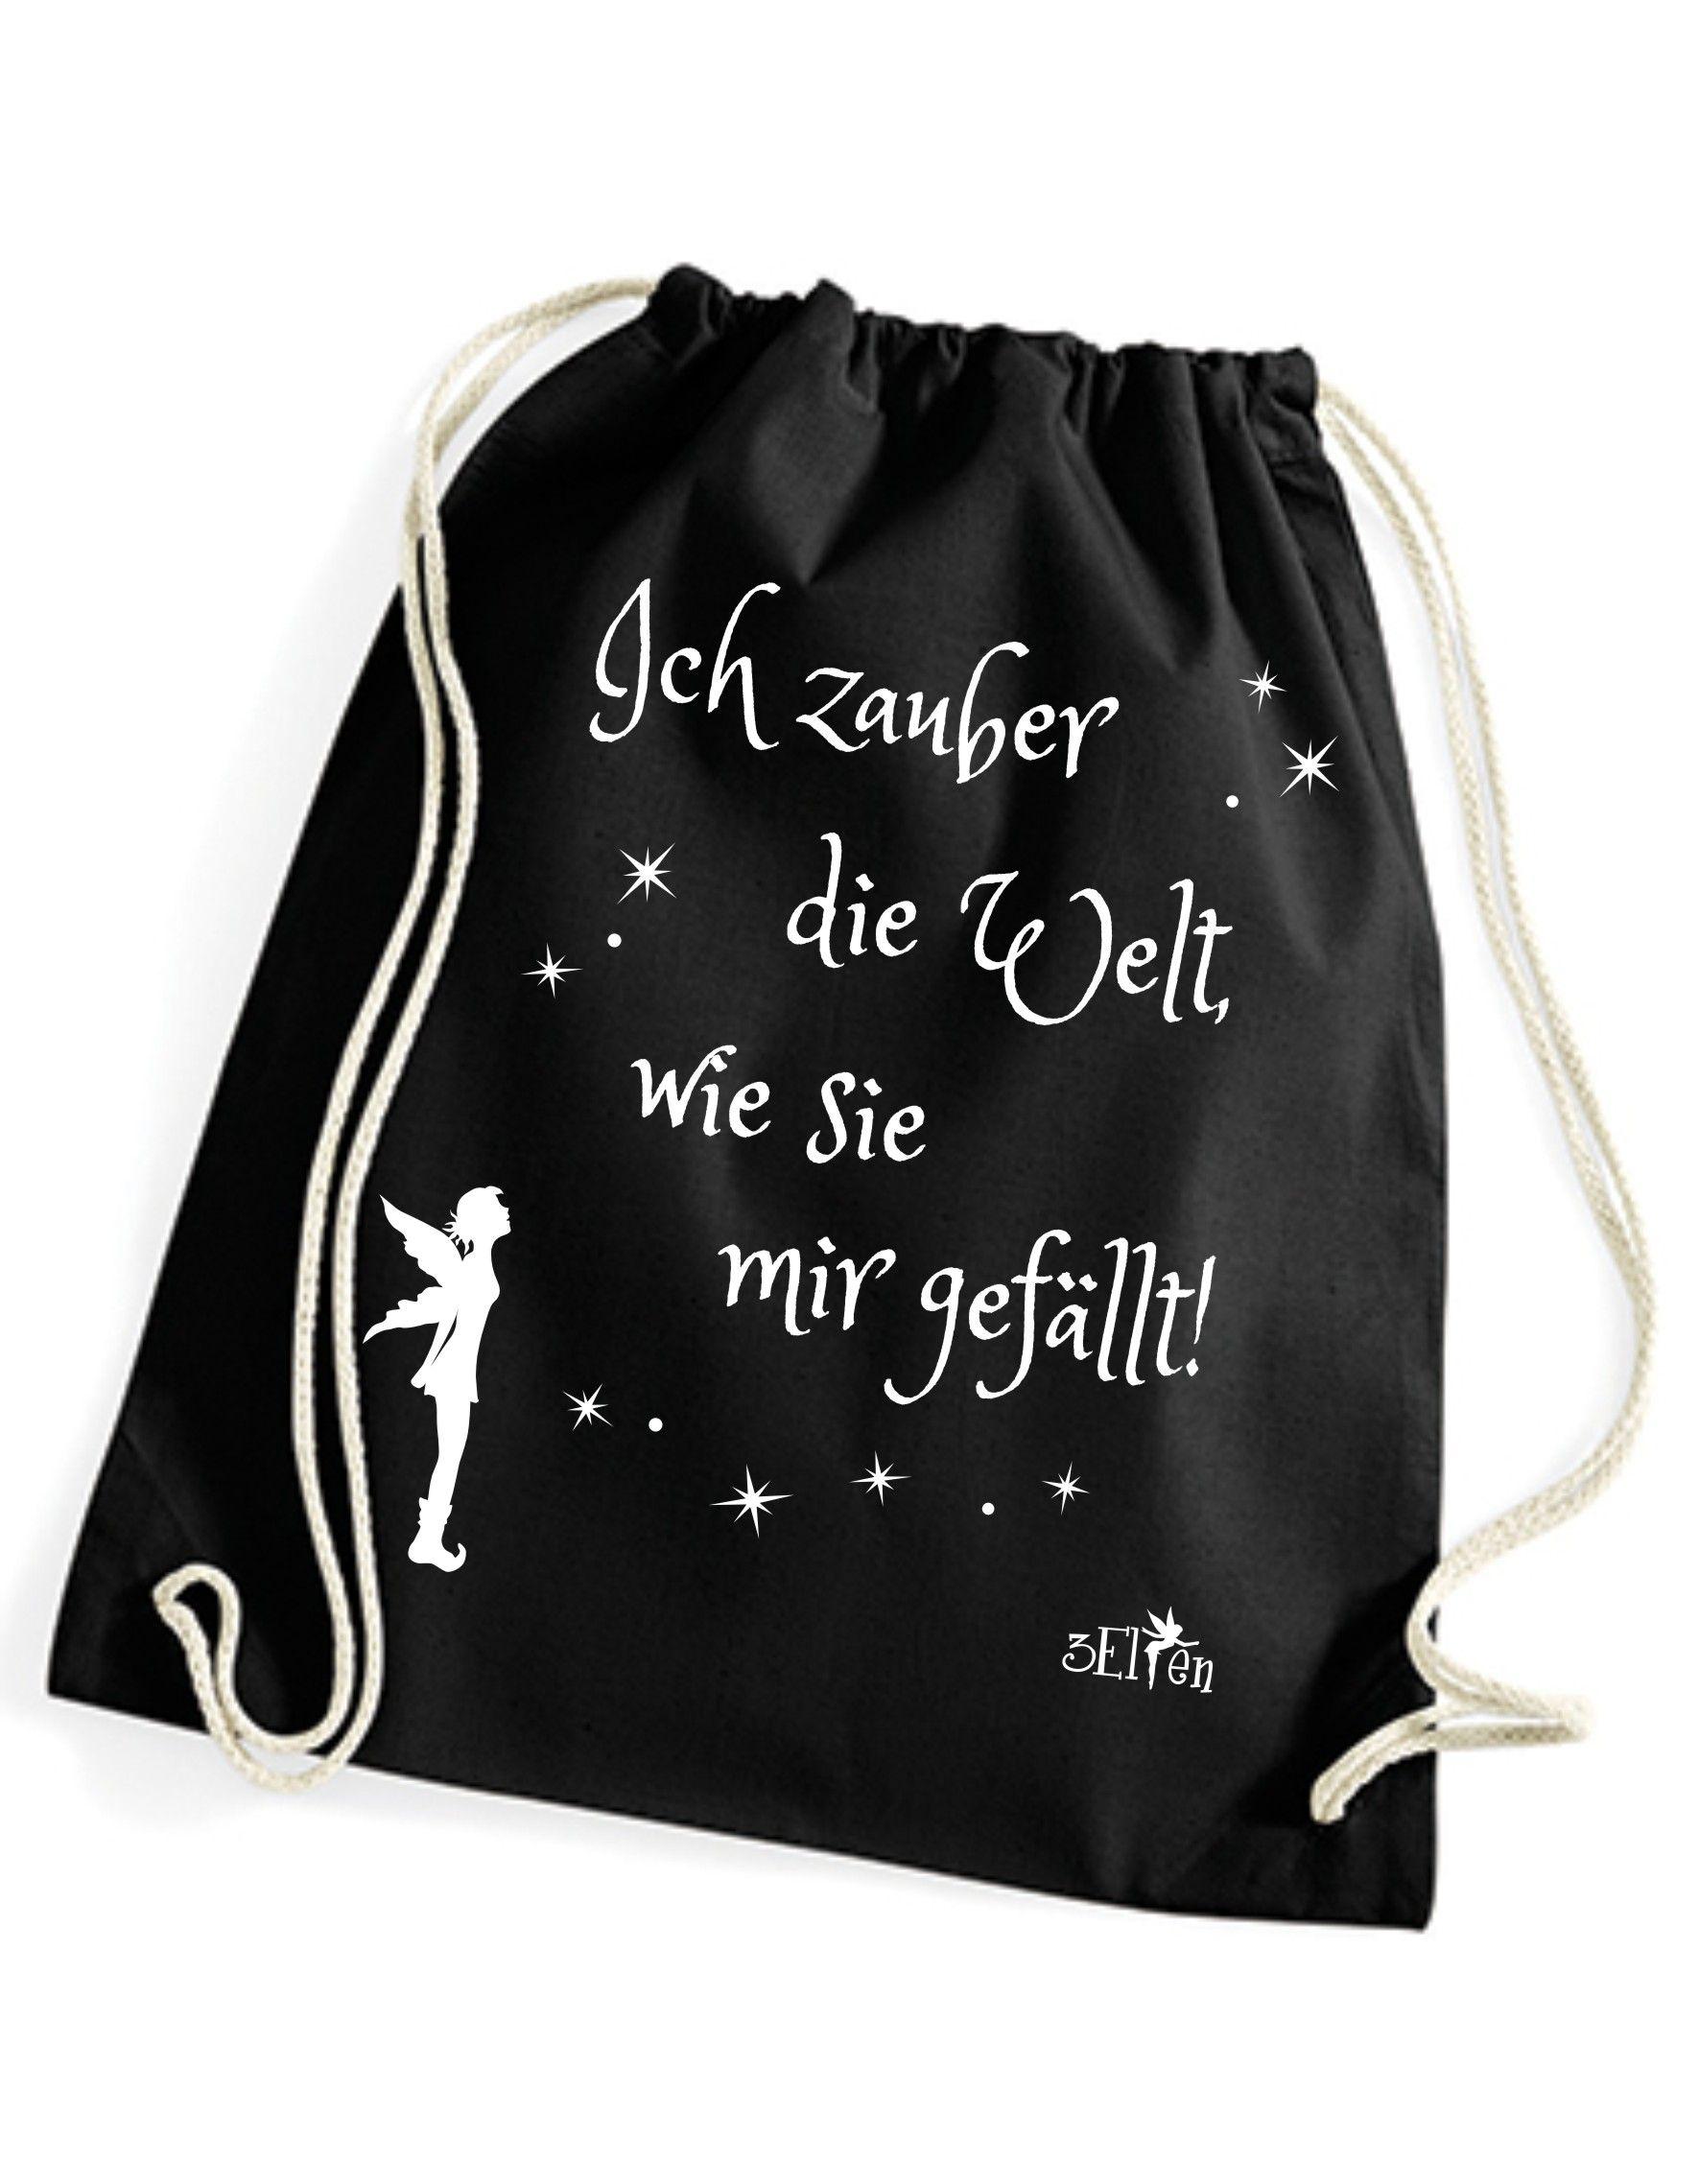 Cooler Turnbeutel / Sportbeutel / Festival Rucksack Aus Baumwolle Von  3Elfen Mit Dem Spruch: Ich